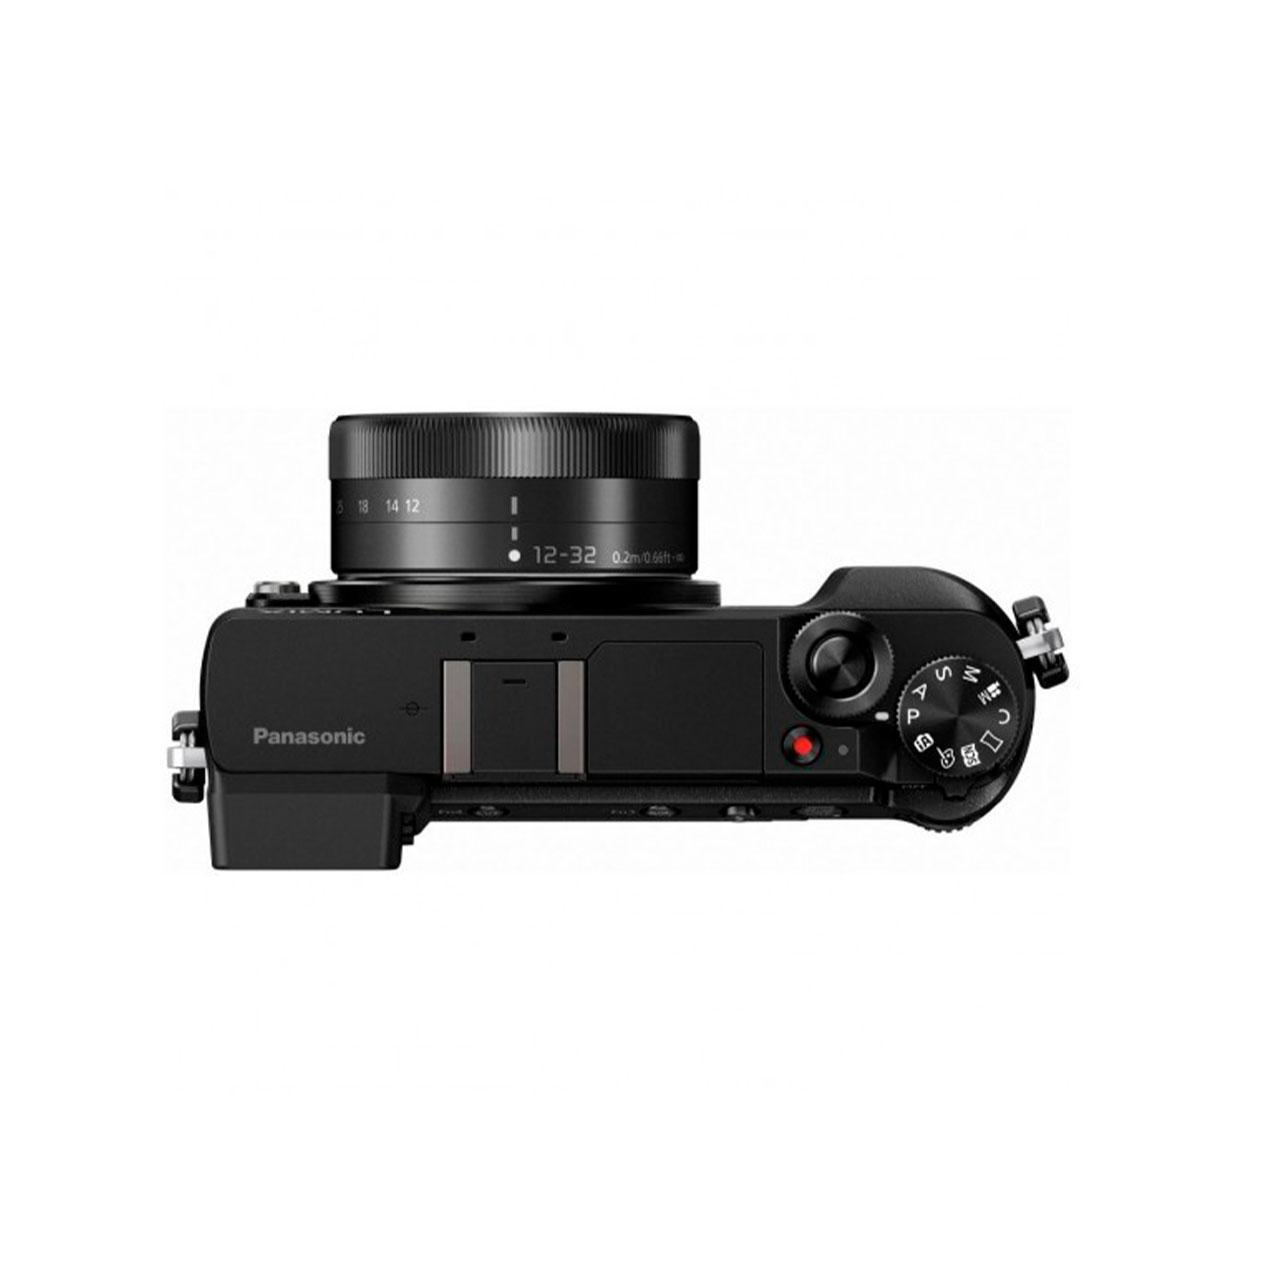 Panasonic Cámara Evil Lumix GX80KECK Negra Objetivo 12-32mm + Pack Lumix